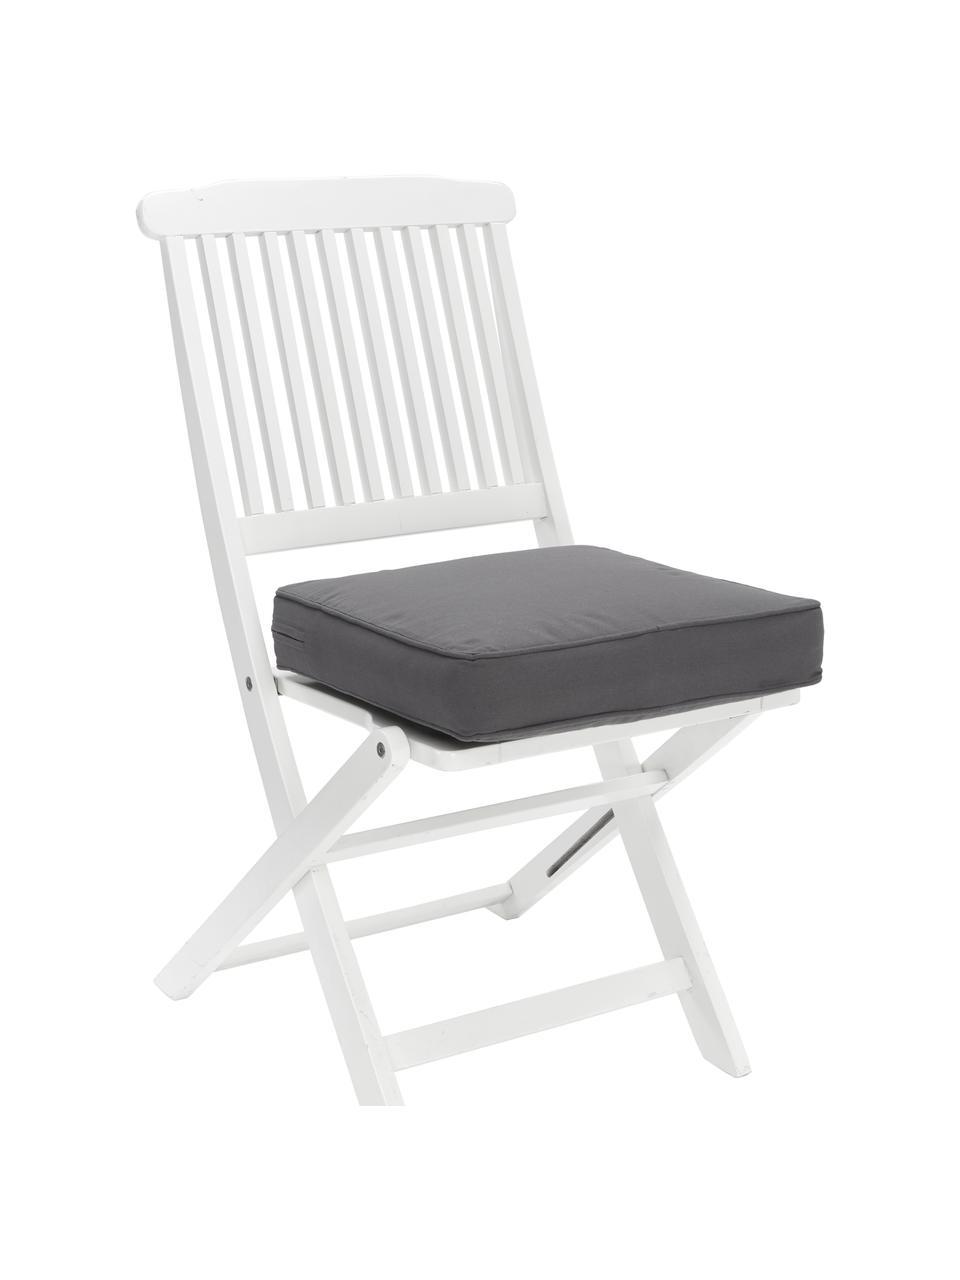 Hoog stoelkussen Zoey in donkergrijs, Grijs, 40 x 40 cm